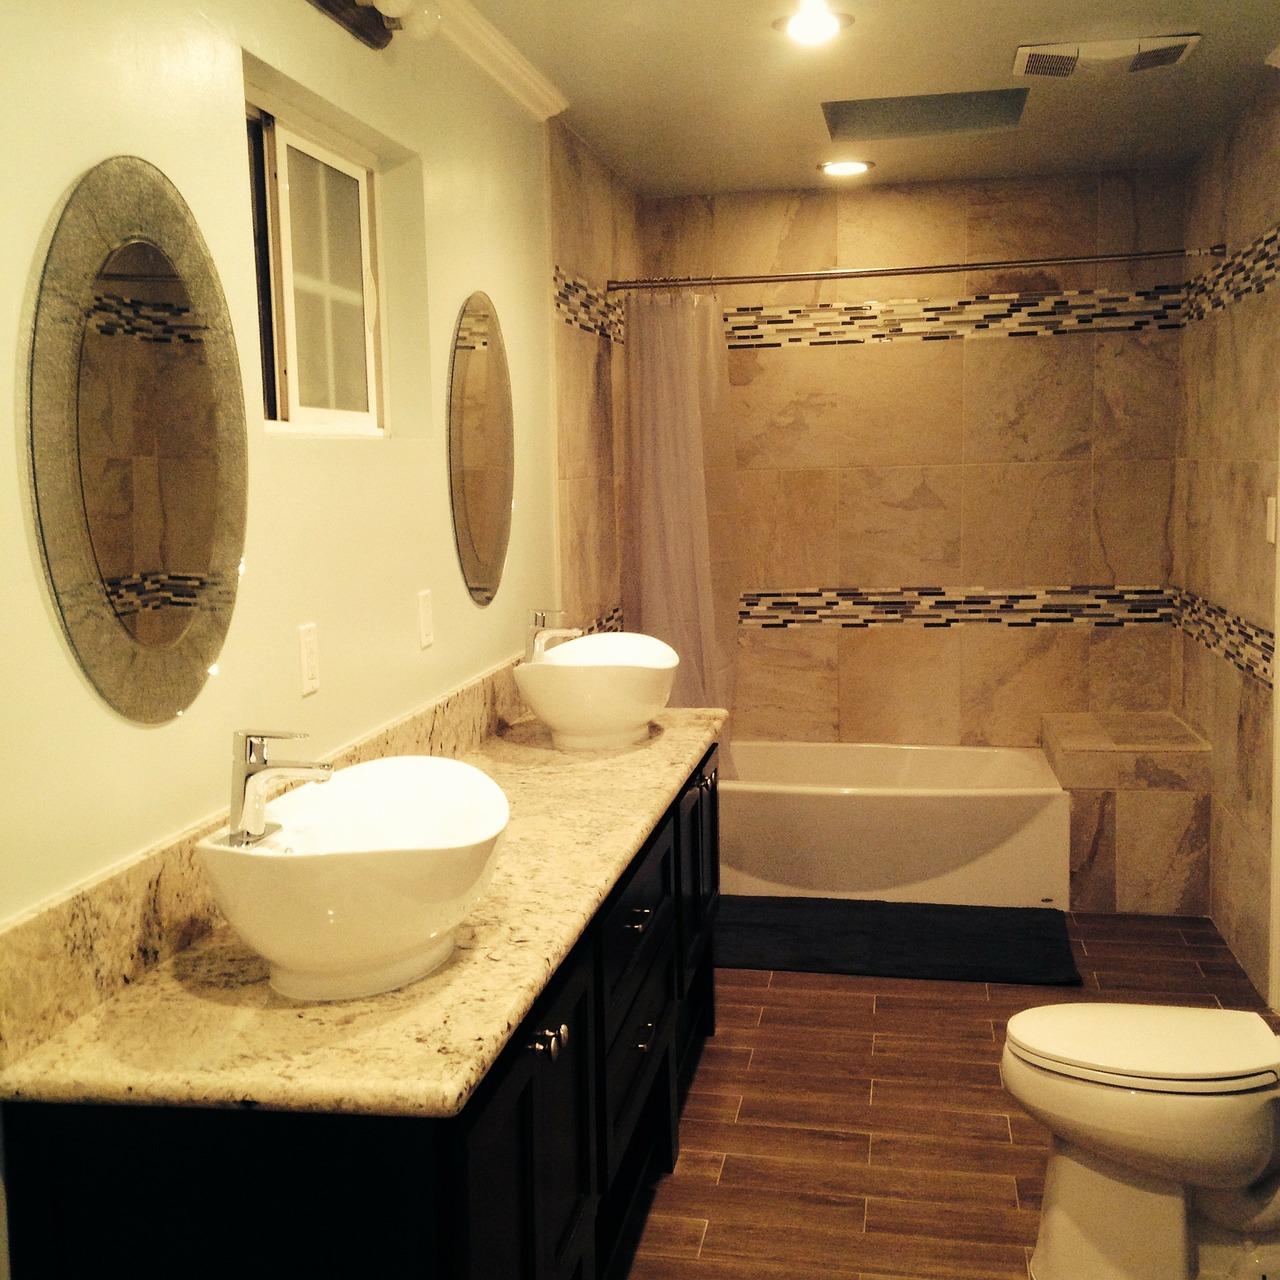 Comment Decorer Les Wc comment faire la décoration de vos toilettes ? - parlons wc